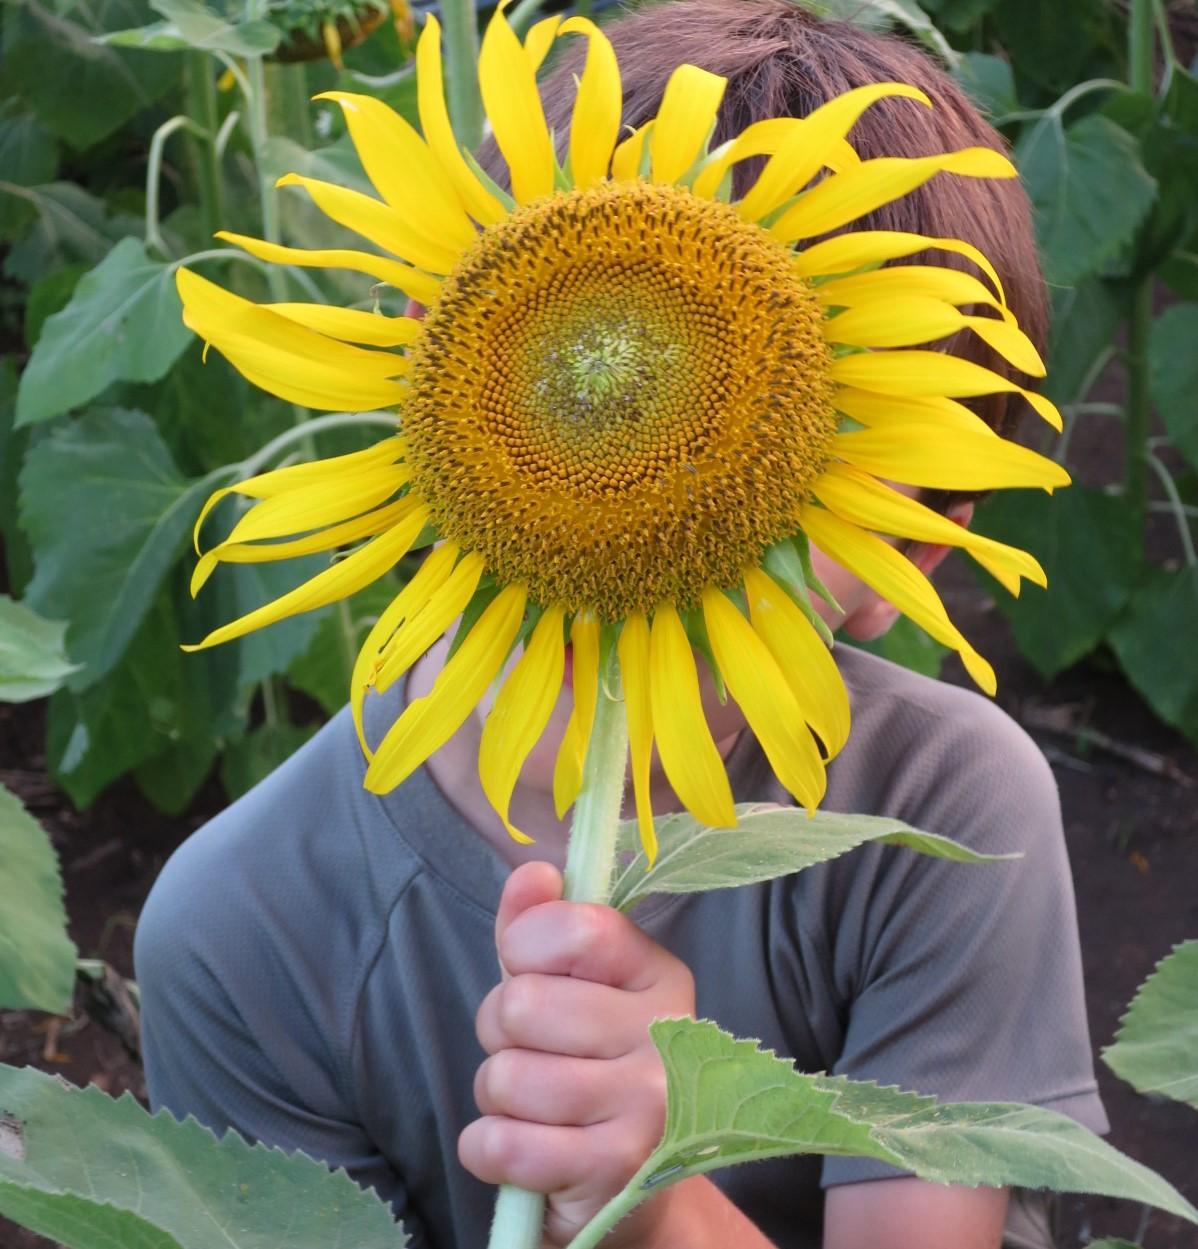 Cultiver son jardin, une activité à la croisée de nombreux ...